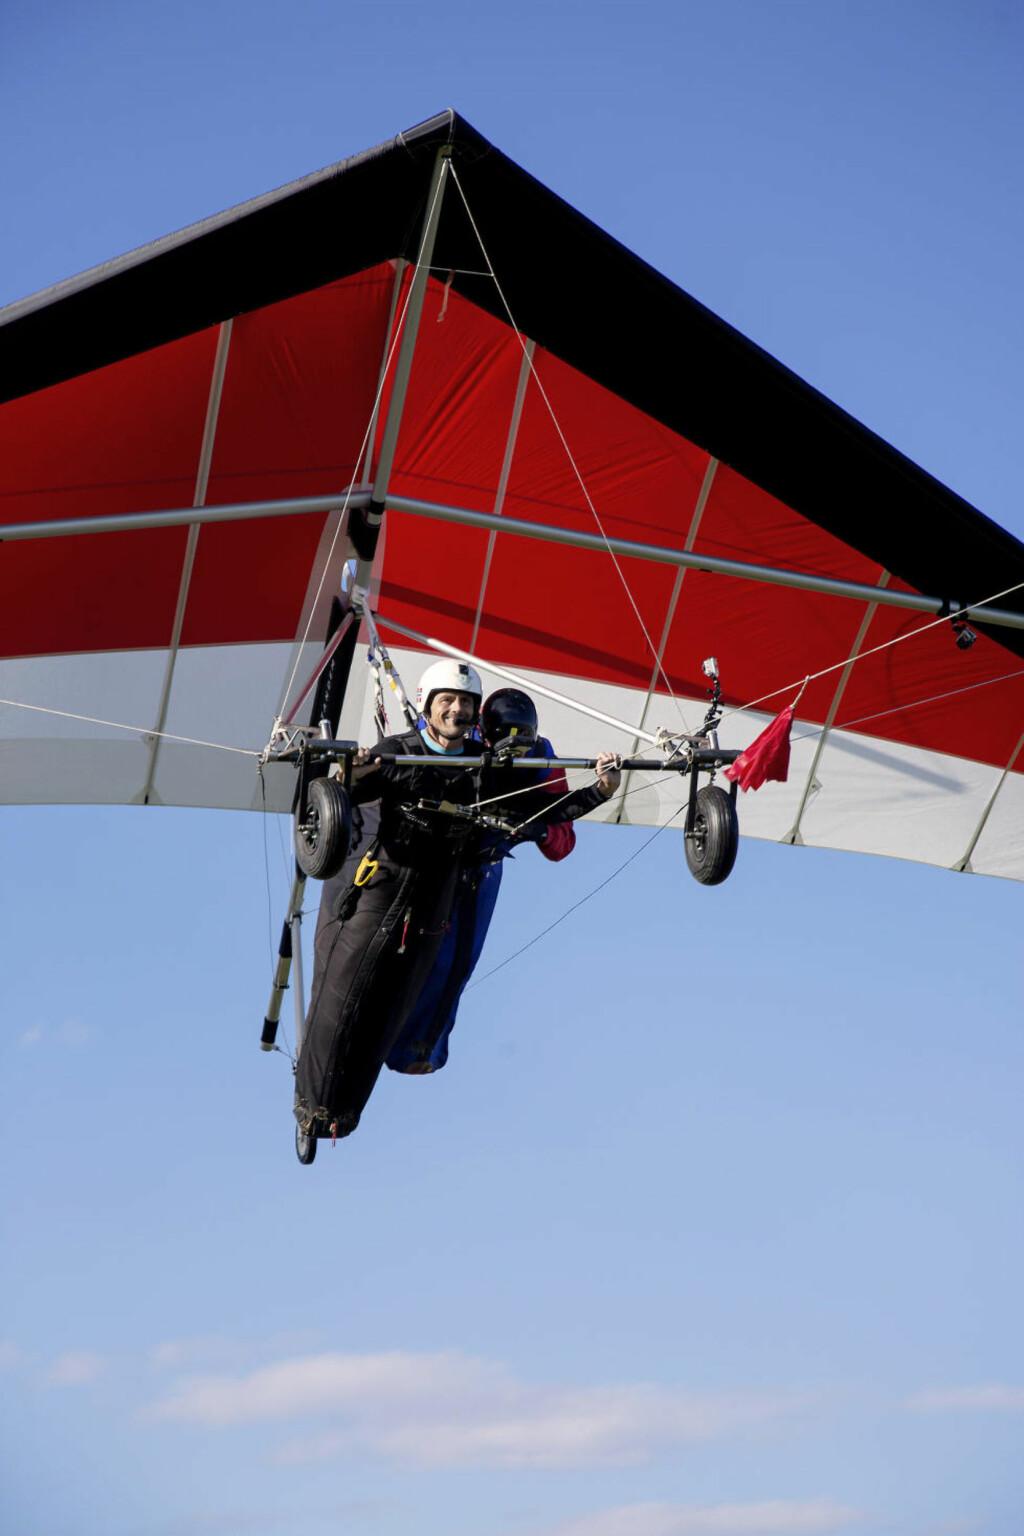 VEKTLØS: Jan opplever det han har drømt om. Han flyr. Foto: LARS MYHREN HOLAND